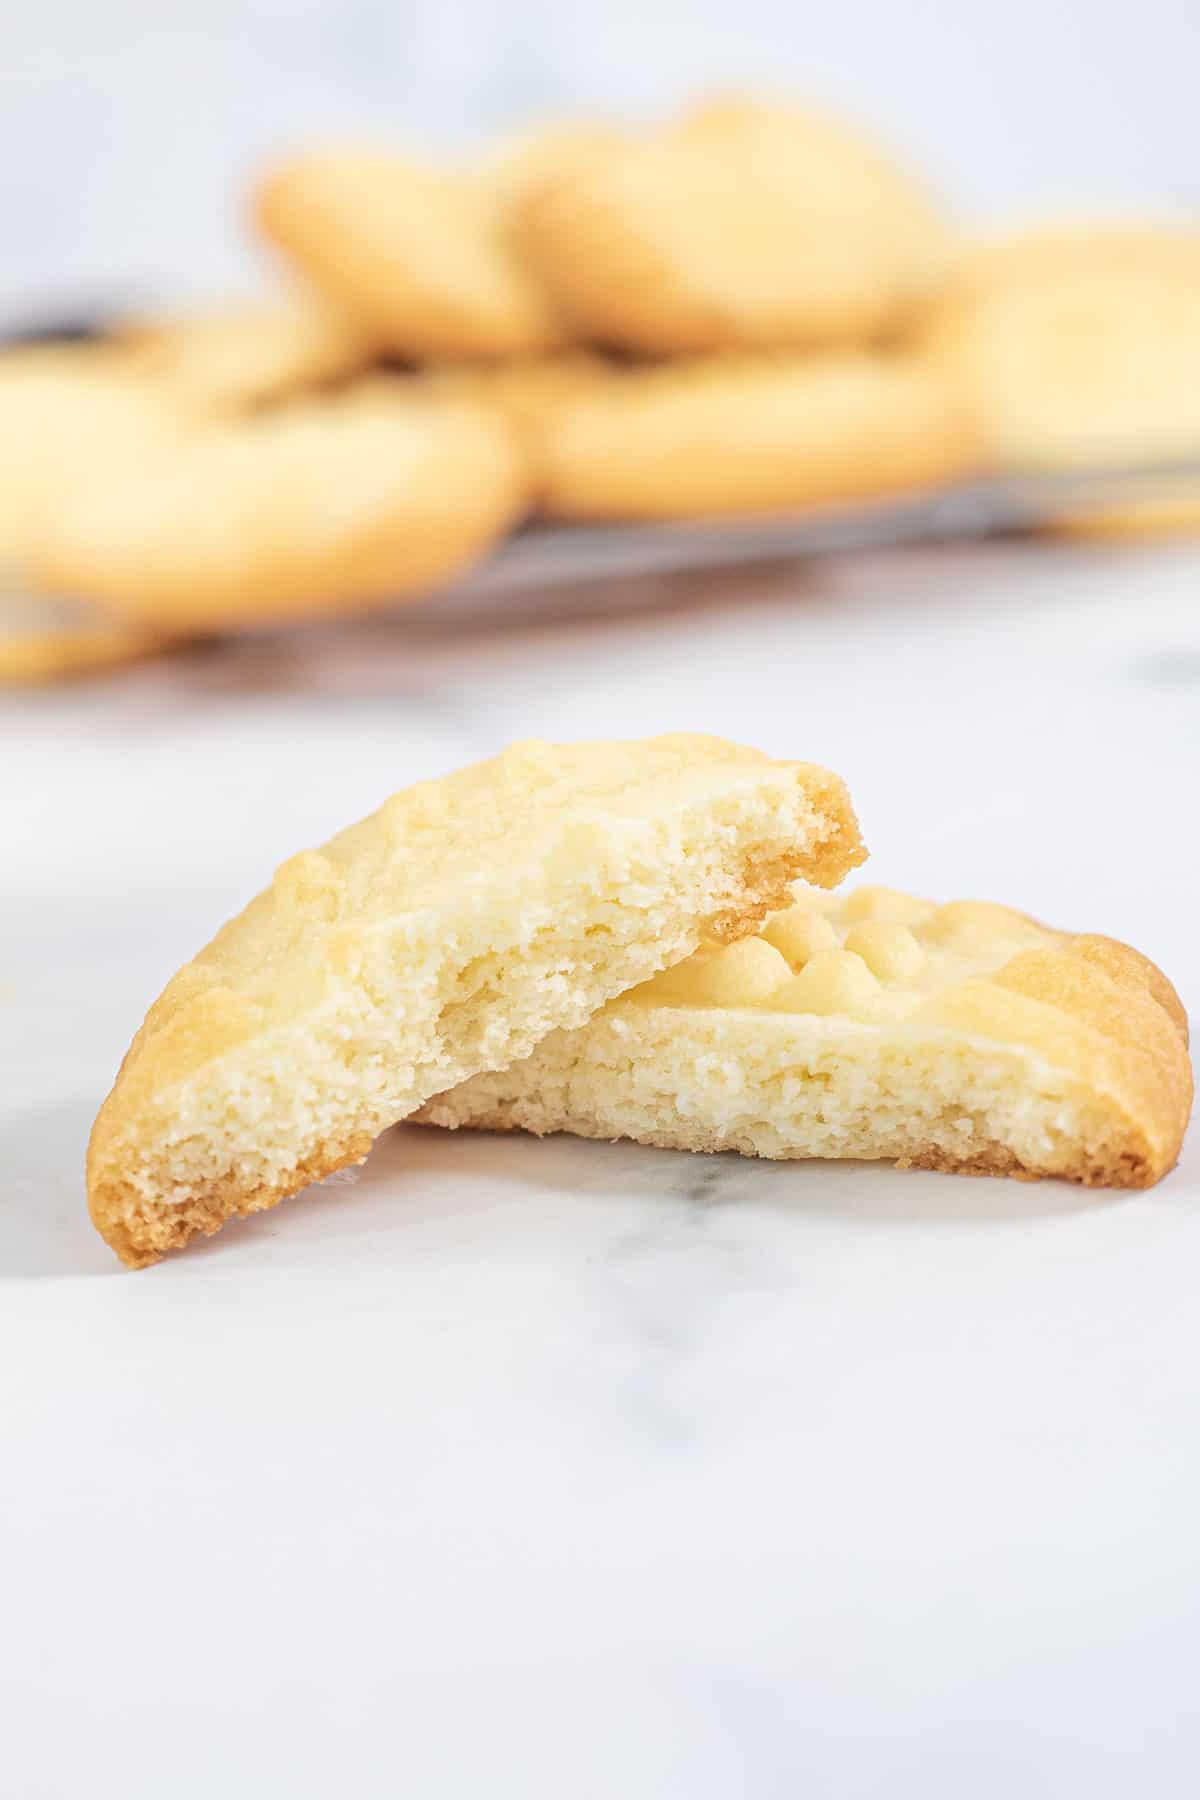 A cookie broken into 2